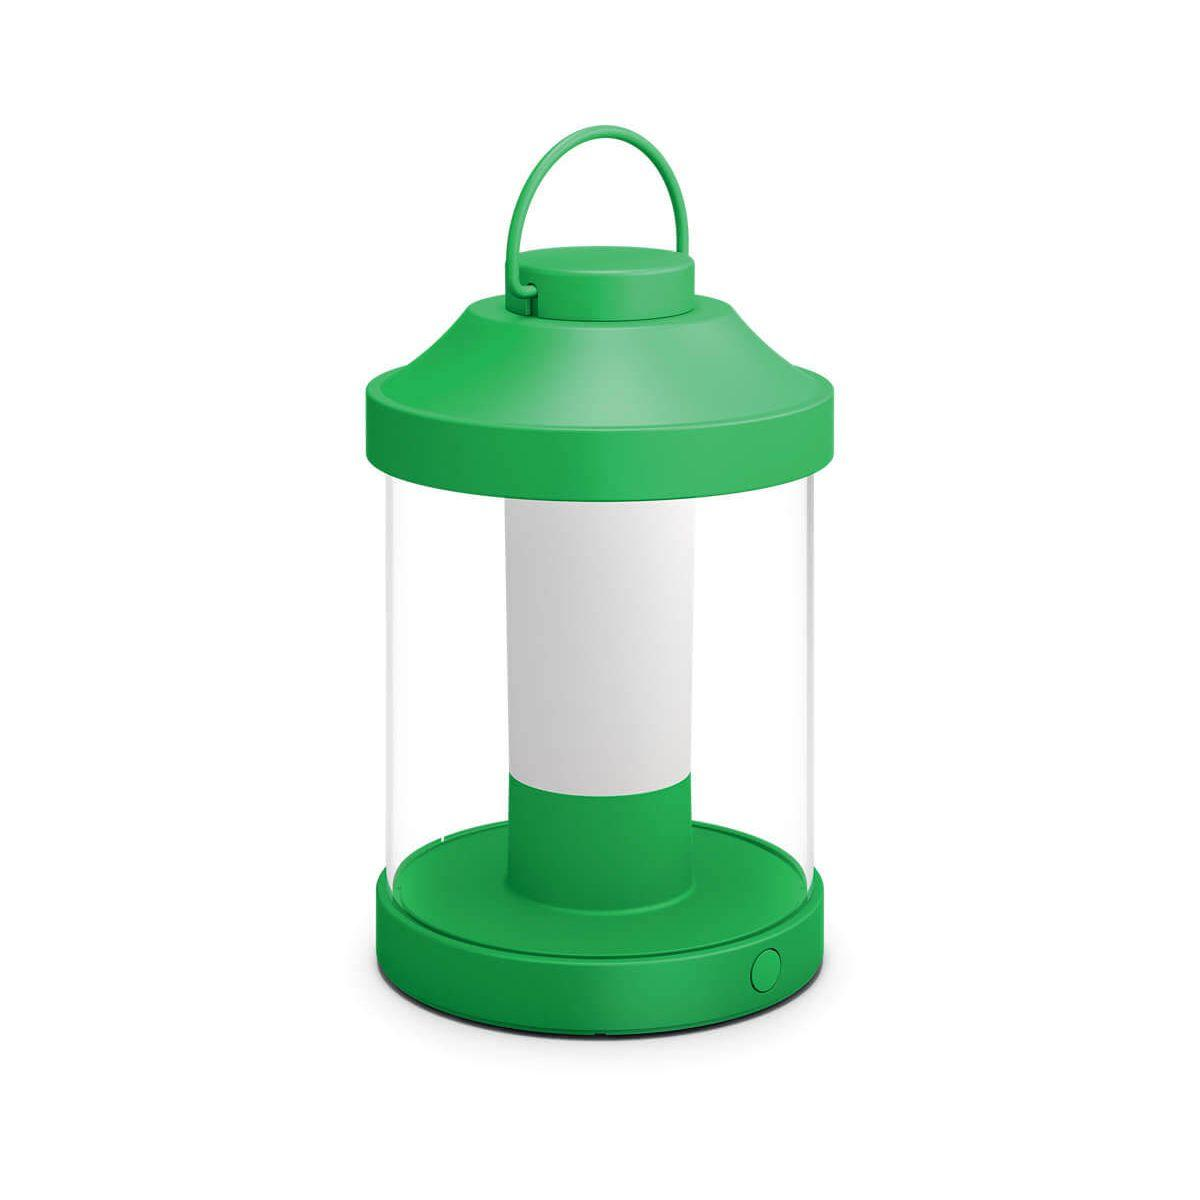 Lanterne philips portable abelia - vert menthe - 10% de remise imm�diate avec le code : school10 (photo)